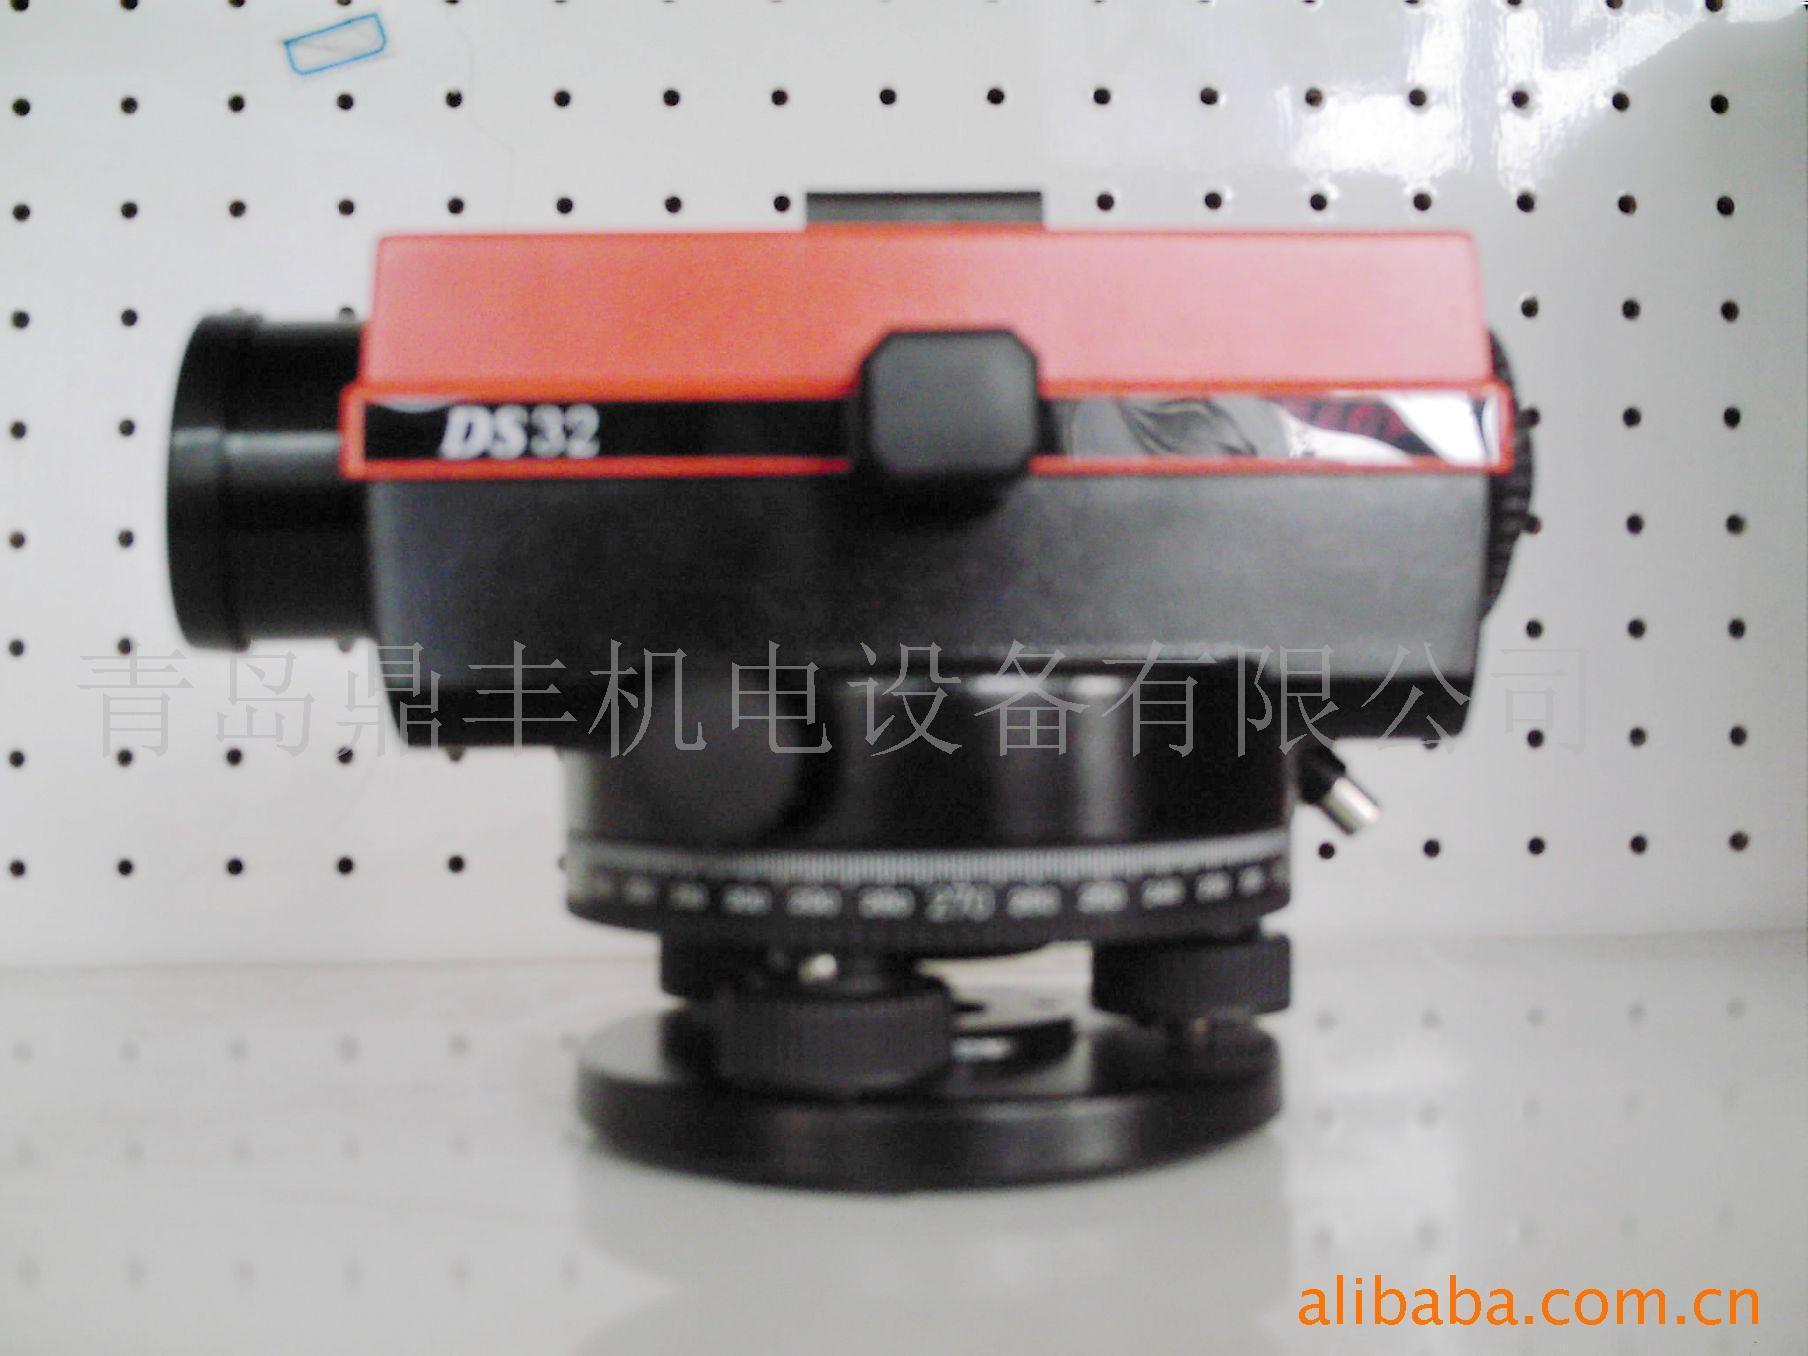 空气阻尼水准仪是应用广泛的大地测量仪器, 多用于国家级水准测量,建筑工程测量和大型 机器的安装。 本产品可以满足各种建筑施工工程及水准测量 要求,具有自动补偿功能,可大大提高工作效 率及避免差错等。 技 术 参 数 仪器型号 DS20 DS22 DS24 DS26 DS28 DS30 DS32 望远镜 正像 放大倍率 20X 22X 24X 26X 28x 30x 32x 物镜口径 36mm 40mm 视场角 120 最短视距 0.